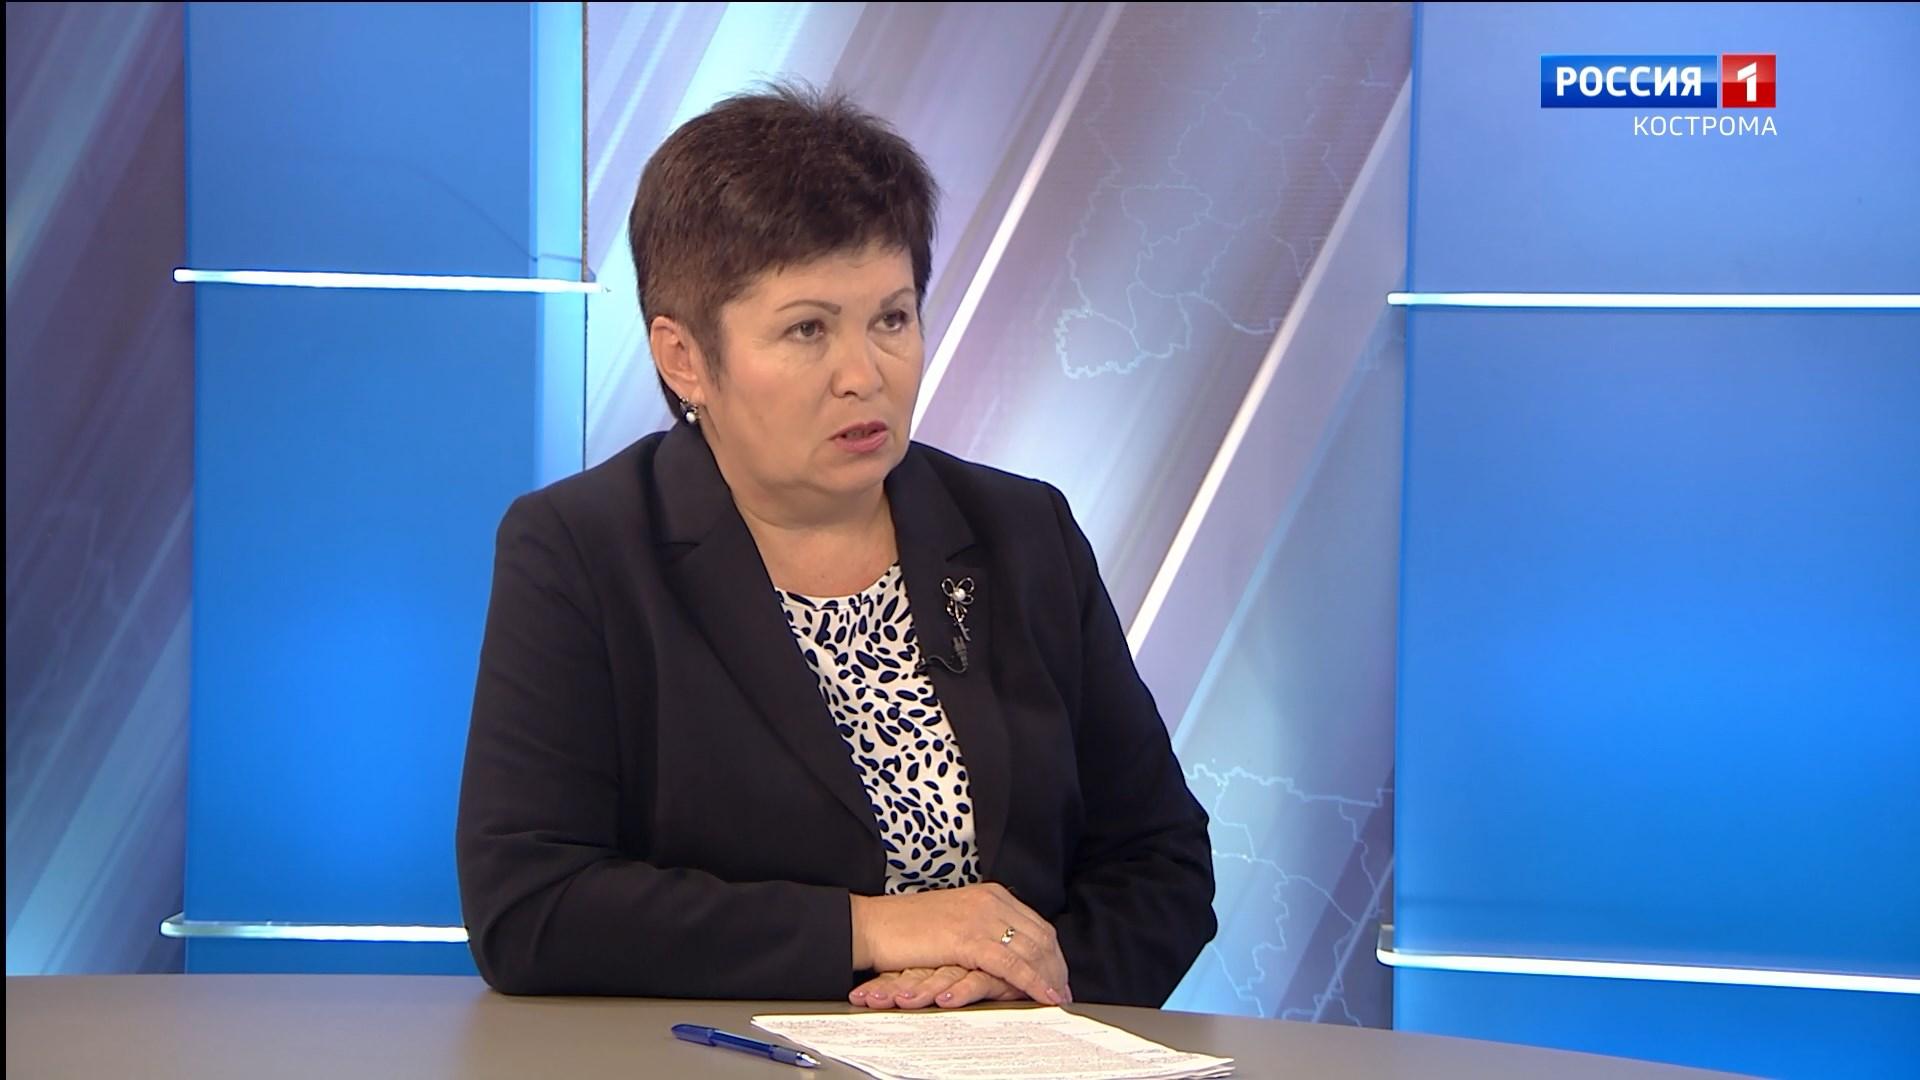 Жилинспекция наложила на костромских коммунальщиков штрафов на 2 млн рублей